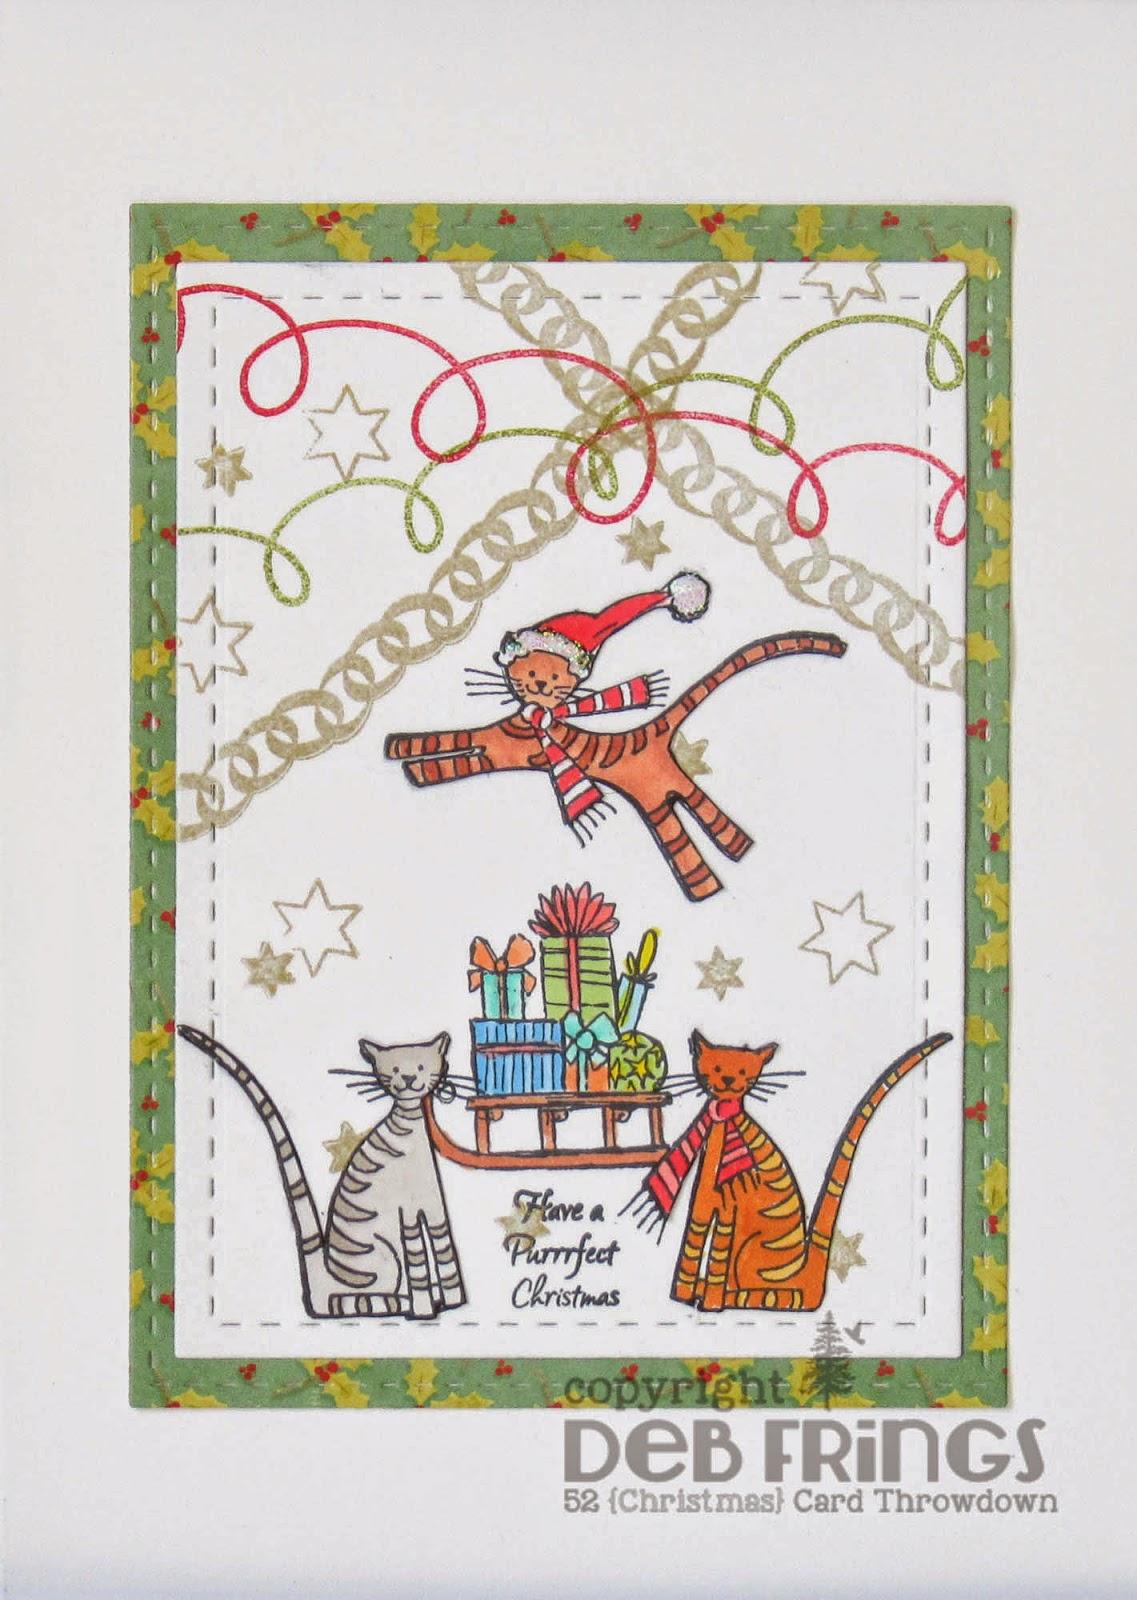 Purrfect Christmas - photo by Deborah Frings - Deborah's Gems